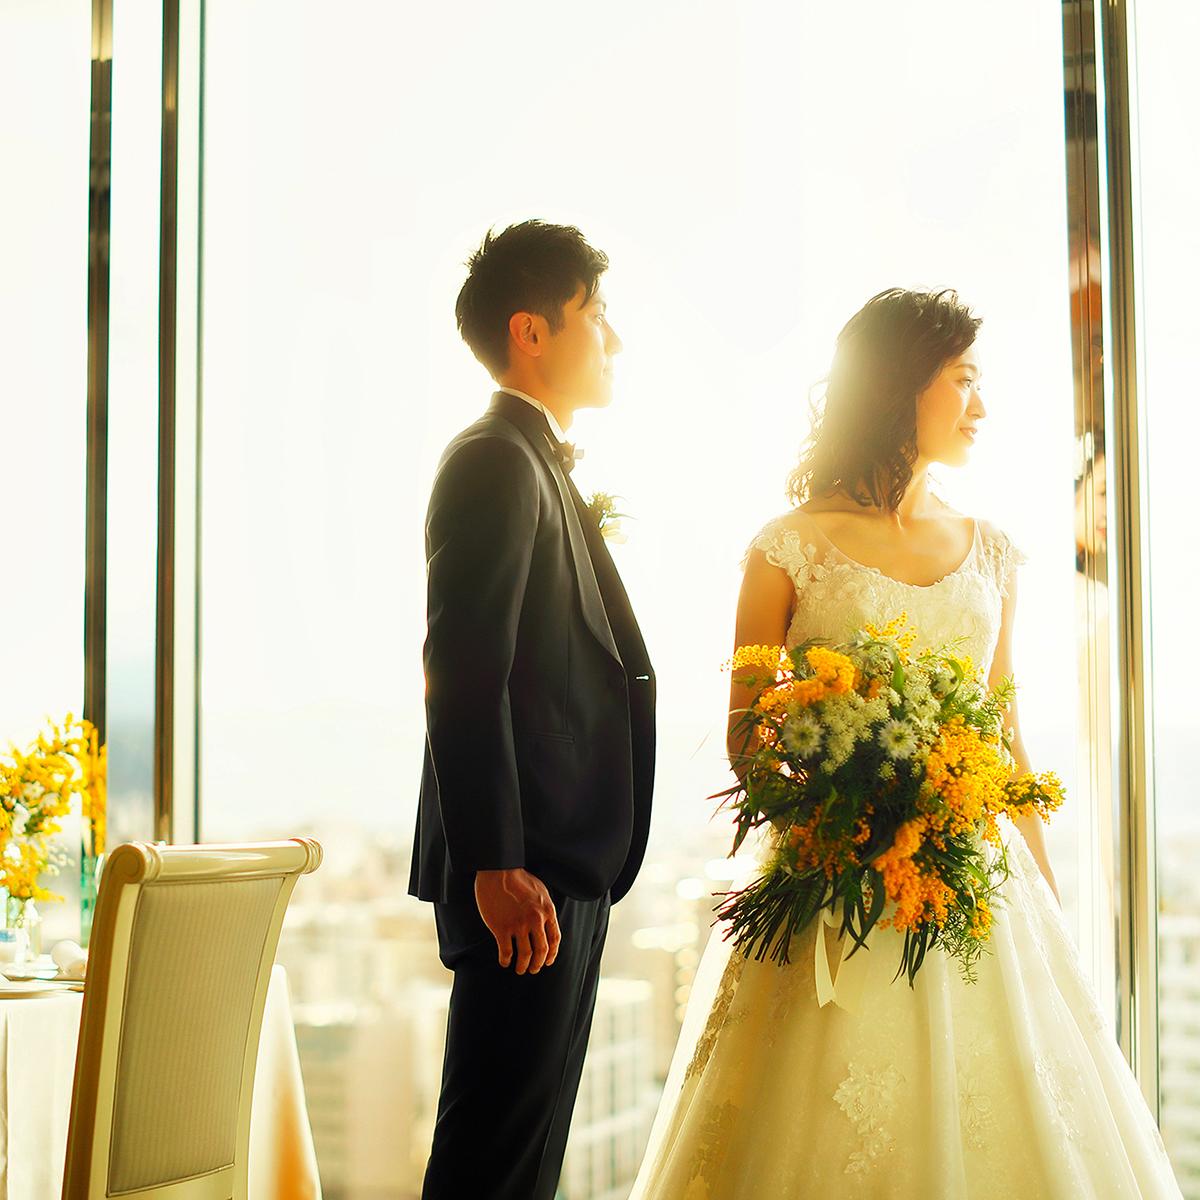 結婚式に向けて♪当日までのスケジュールについて【その2】新着情報イメージ2